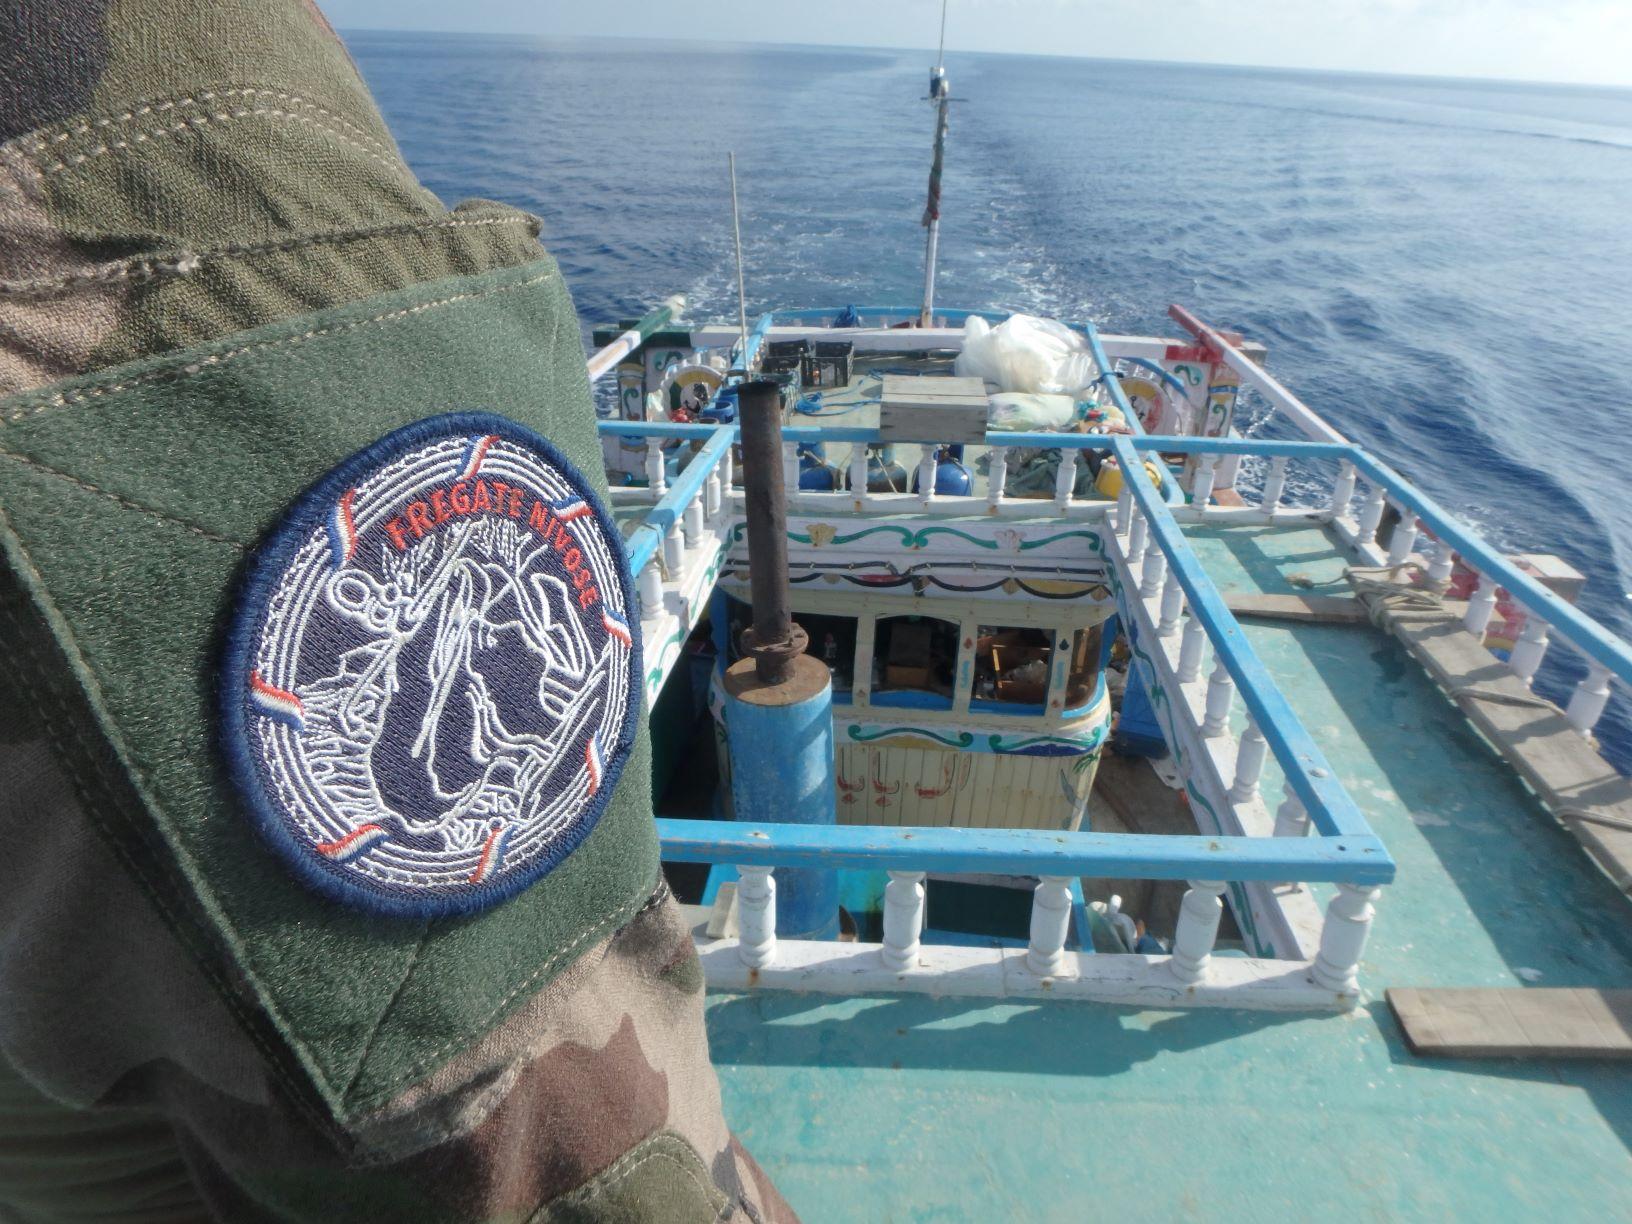 300 kg d'héroïne pour boucler la mission © Marine nationale / FS Nivôse